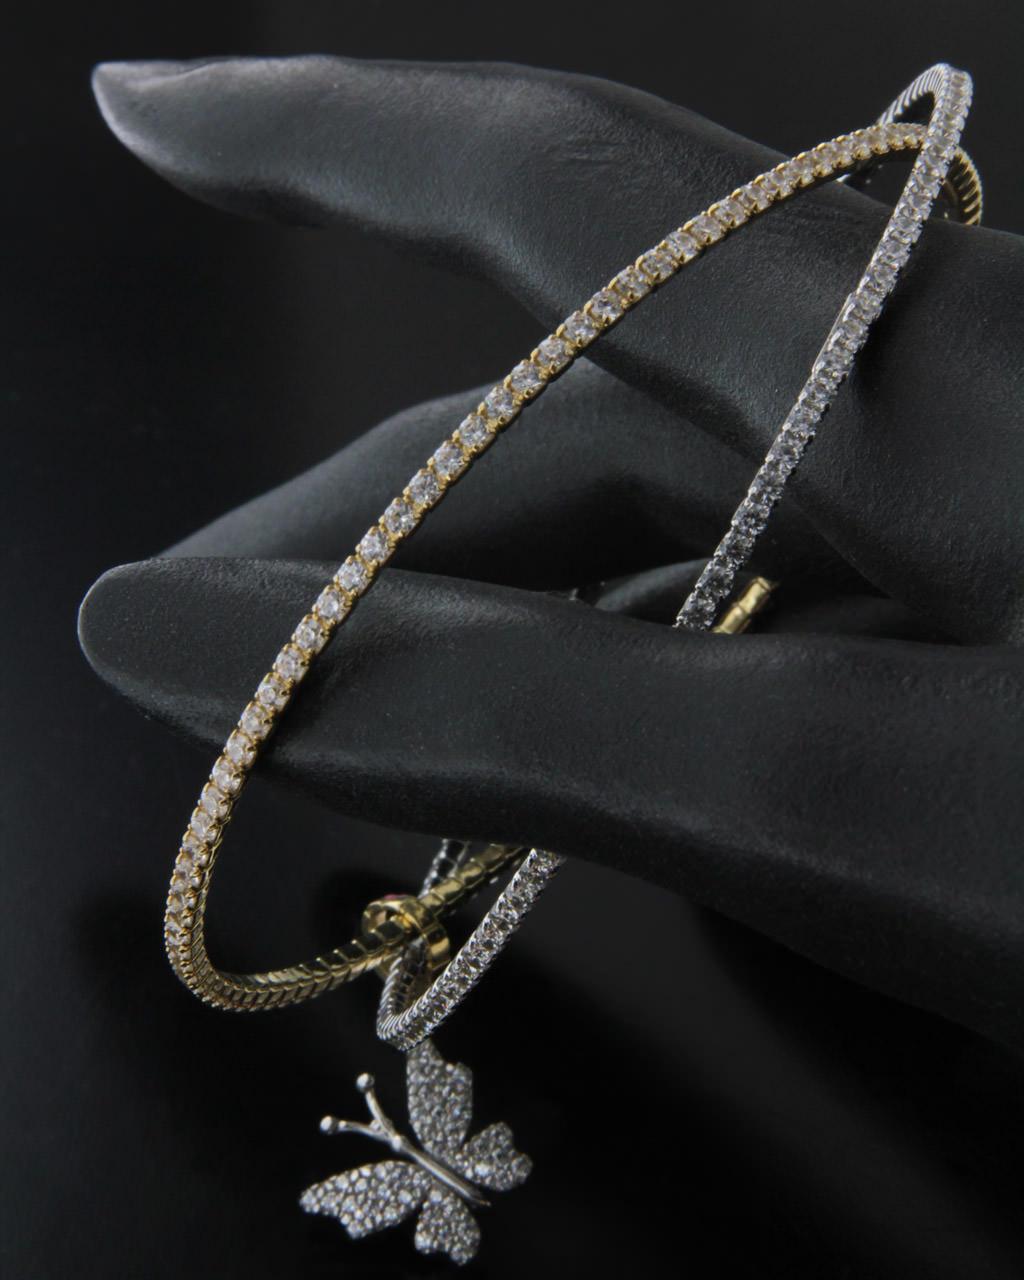 Βραχιόλι χρυσό & λευκόχρυσο Κ14 με Ζιργκόν   γυναικα βραχιόλια βραχιόλια λευκόχρυσα